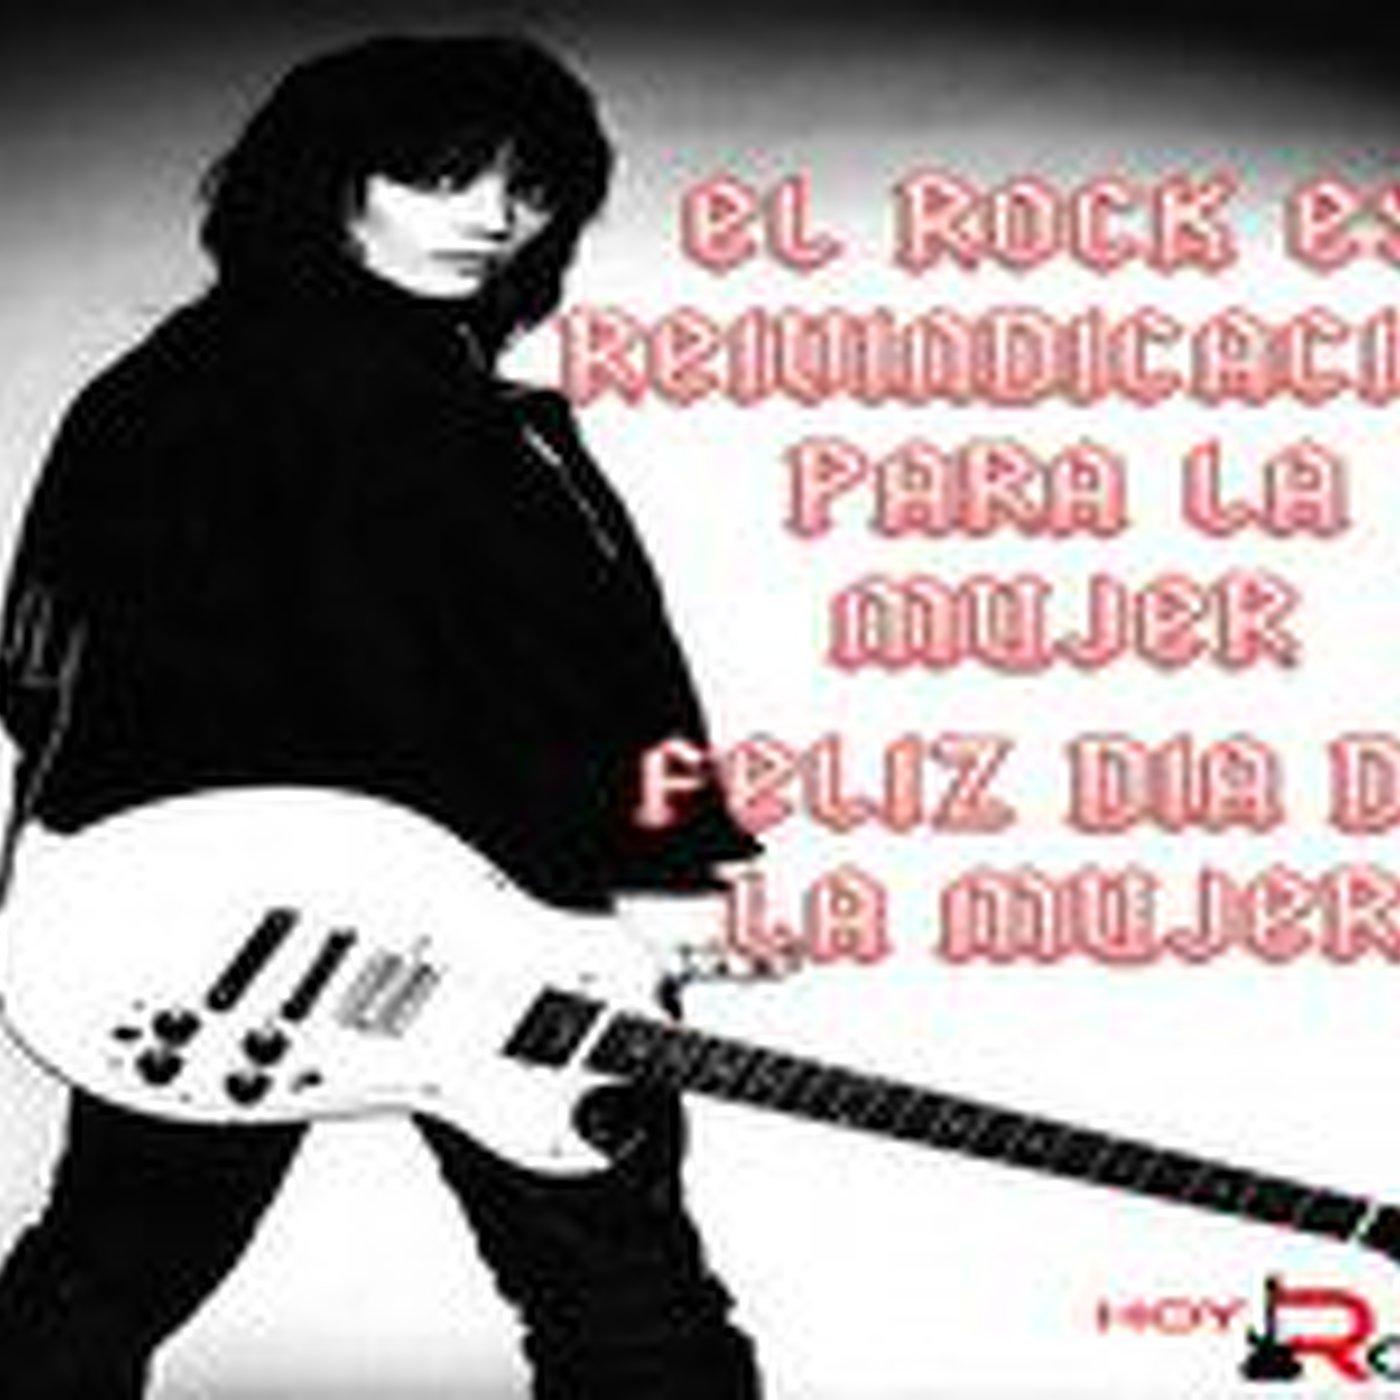 Especial Dia De La Mujer Mujeres En El Rock In Breaking The Chains In Mp3 08 03 A Las 21 11 39 46 06 4184758 Ivoox La mujer es un valioso tesoro de dios. ivoox